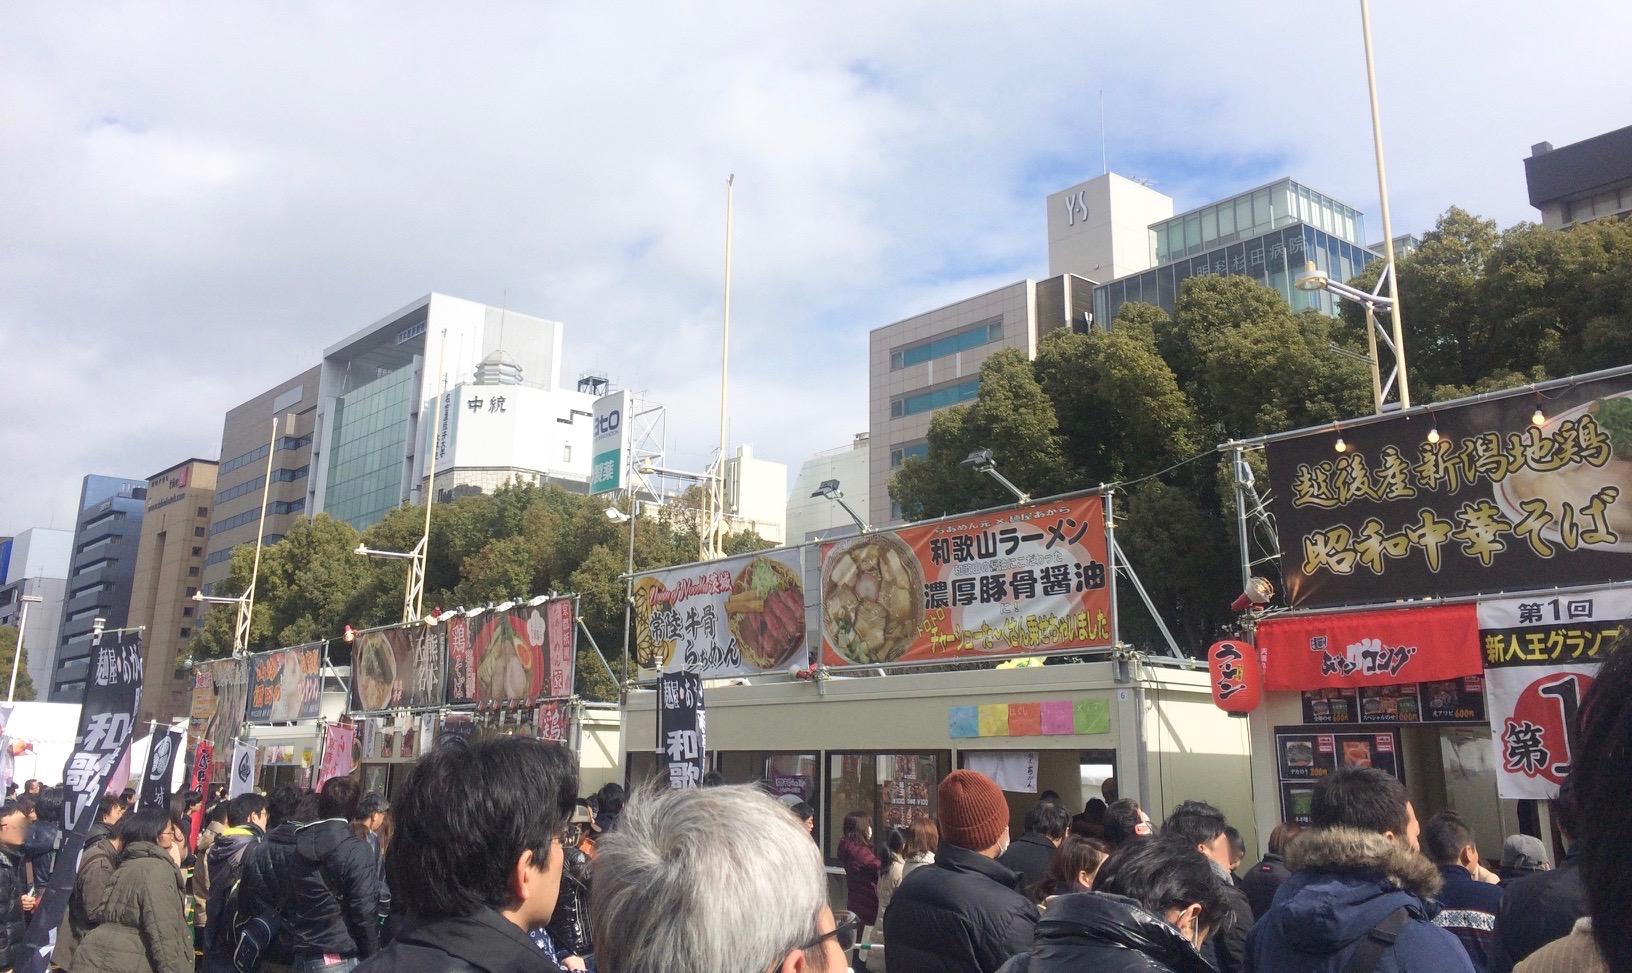 3年連続開催!「ラーメンまつりin名古屋 2017」に行ってきた - Image uploaded from iOS 3 1